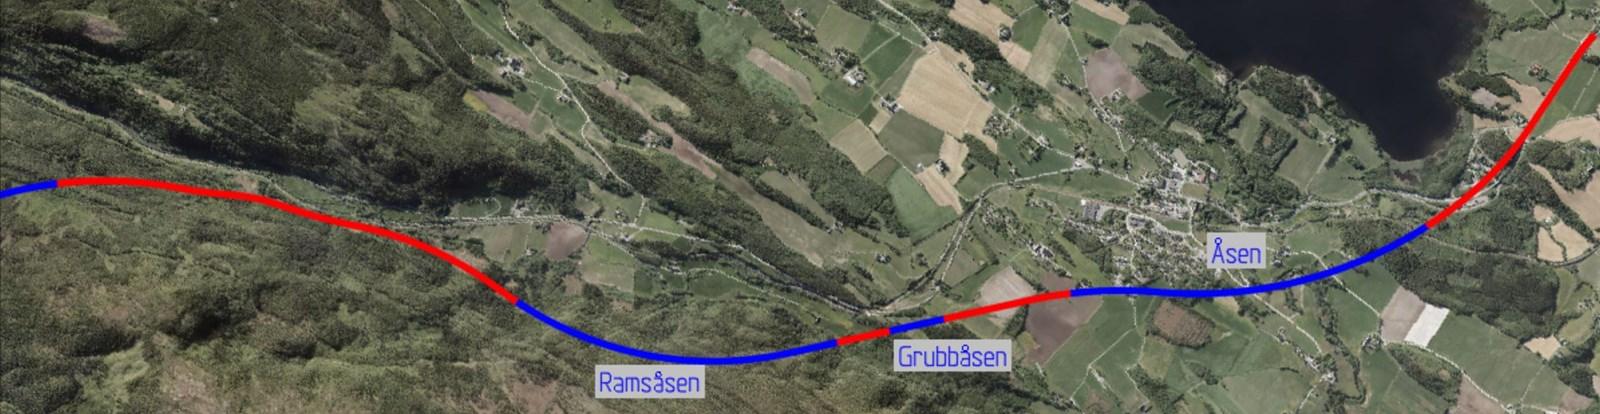 Ligger an til mer tunnel i Åsen